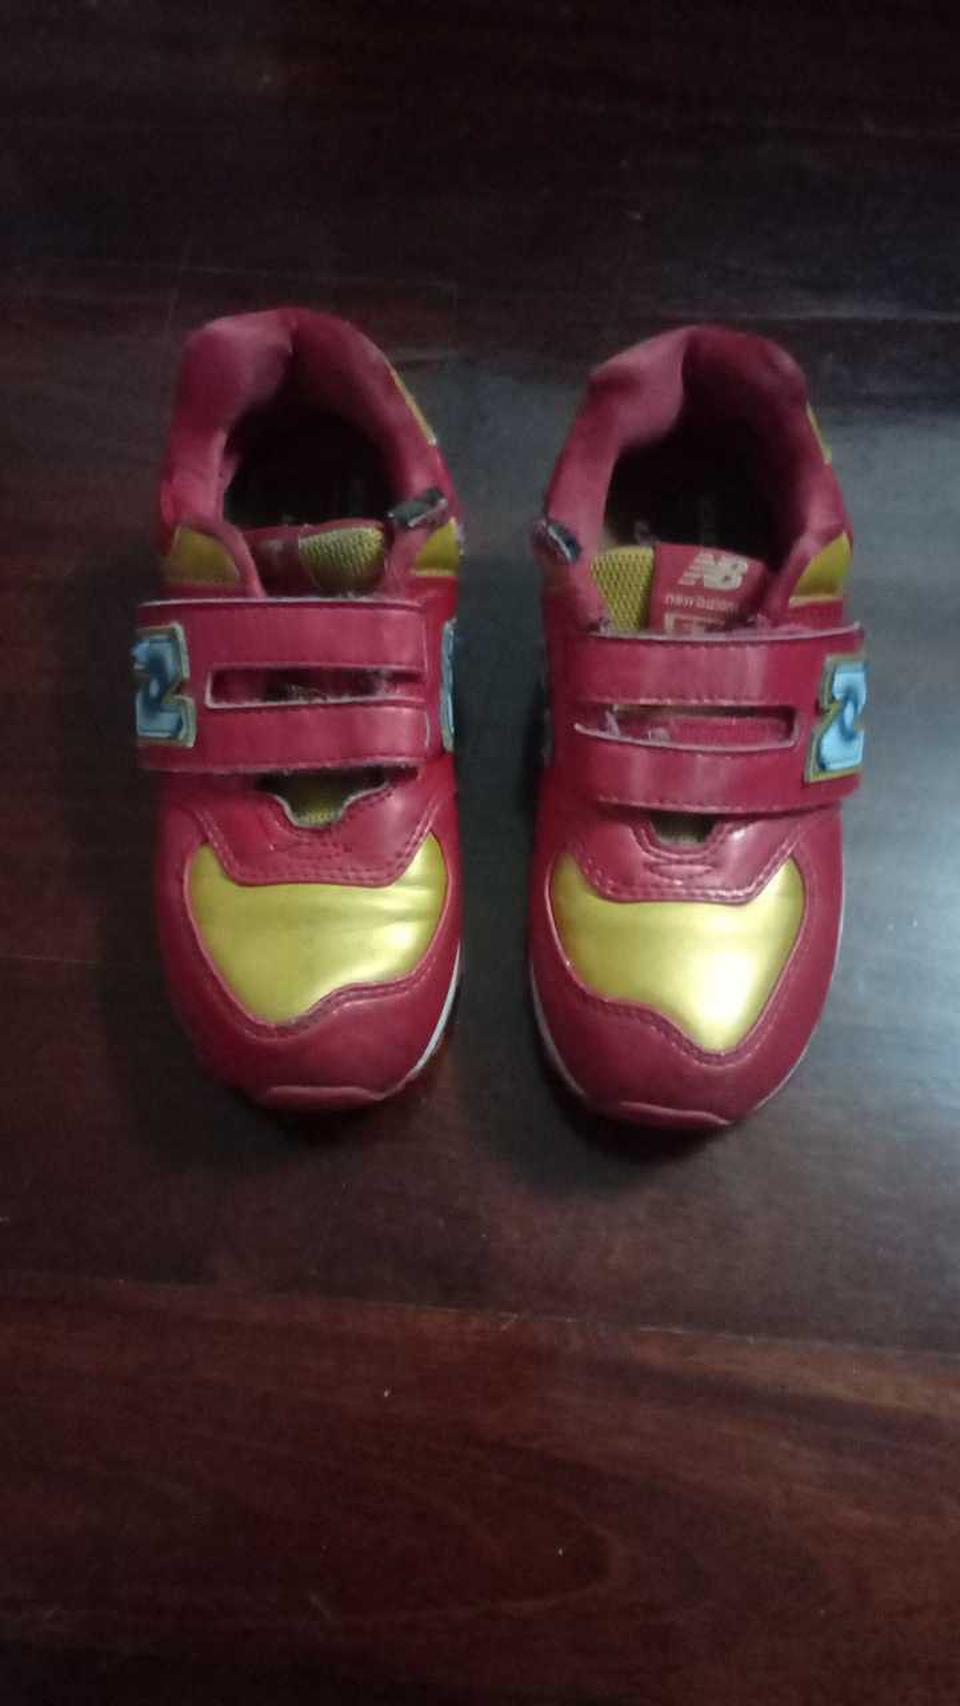 รองเท้าเด็ก รูปที่ 1